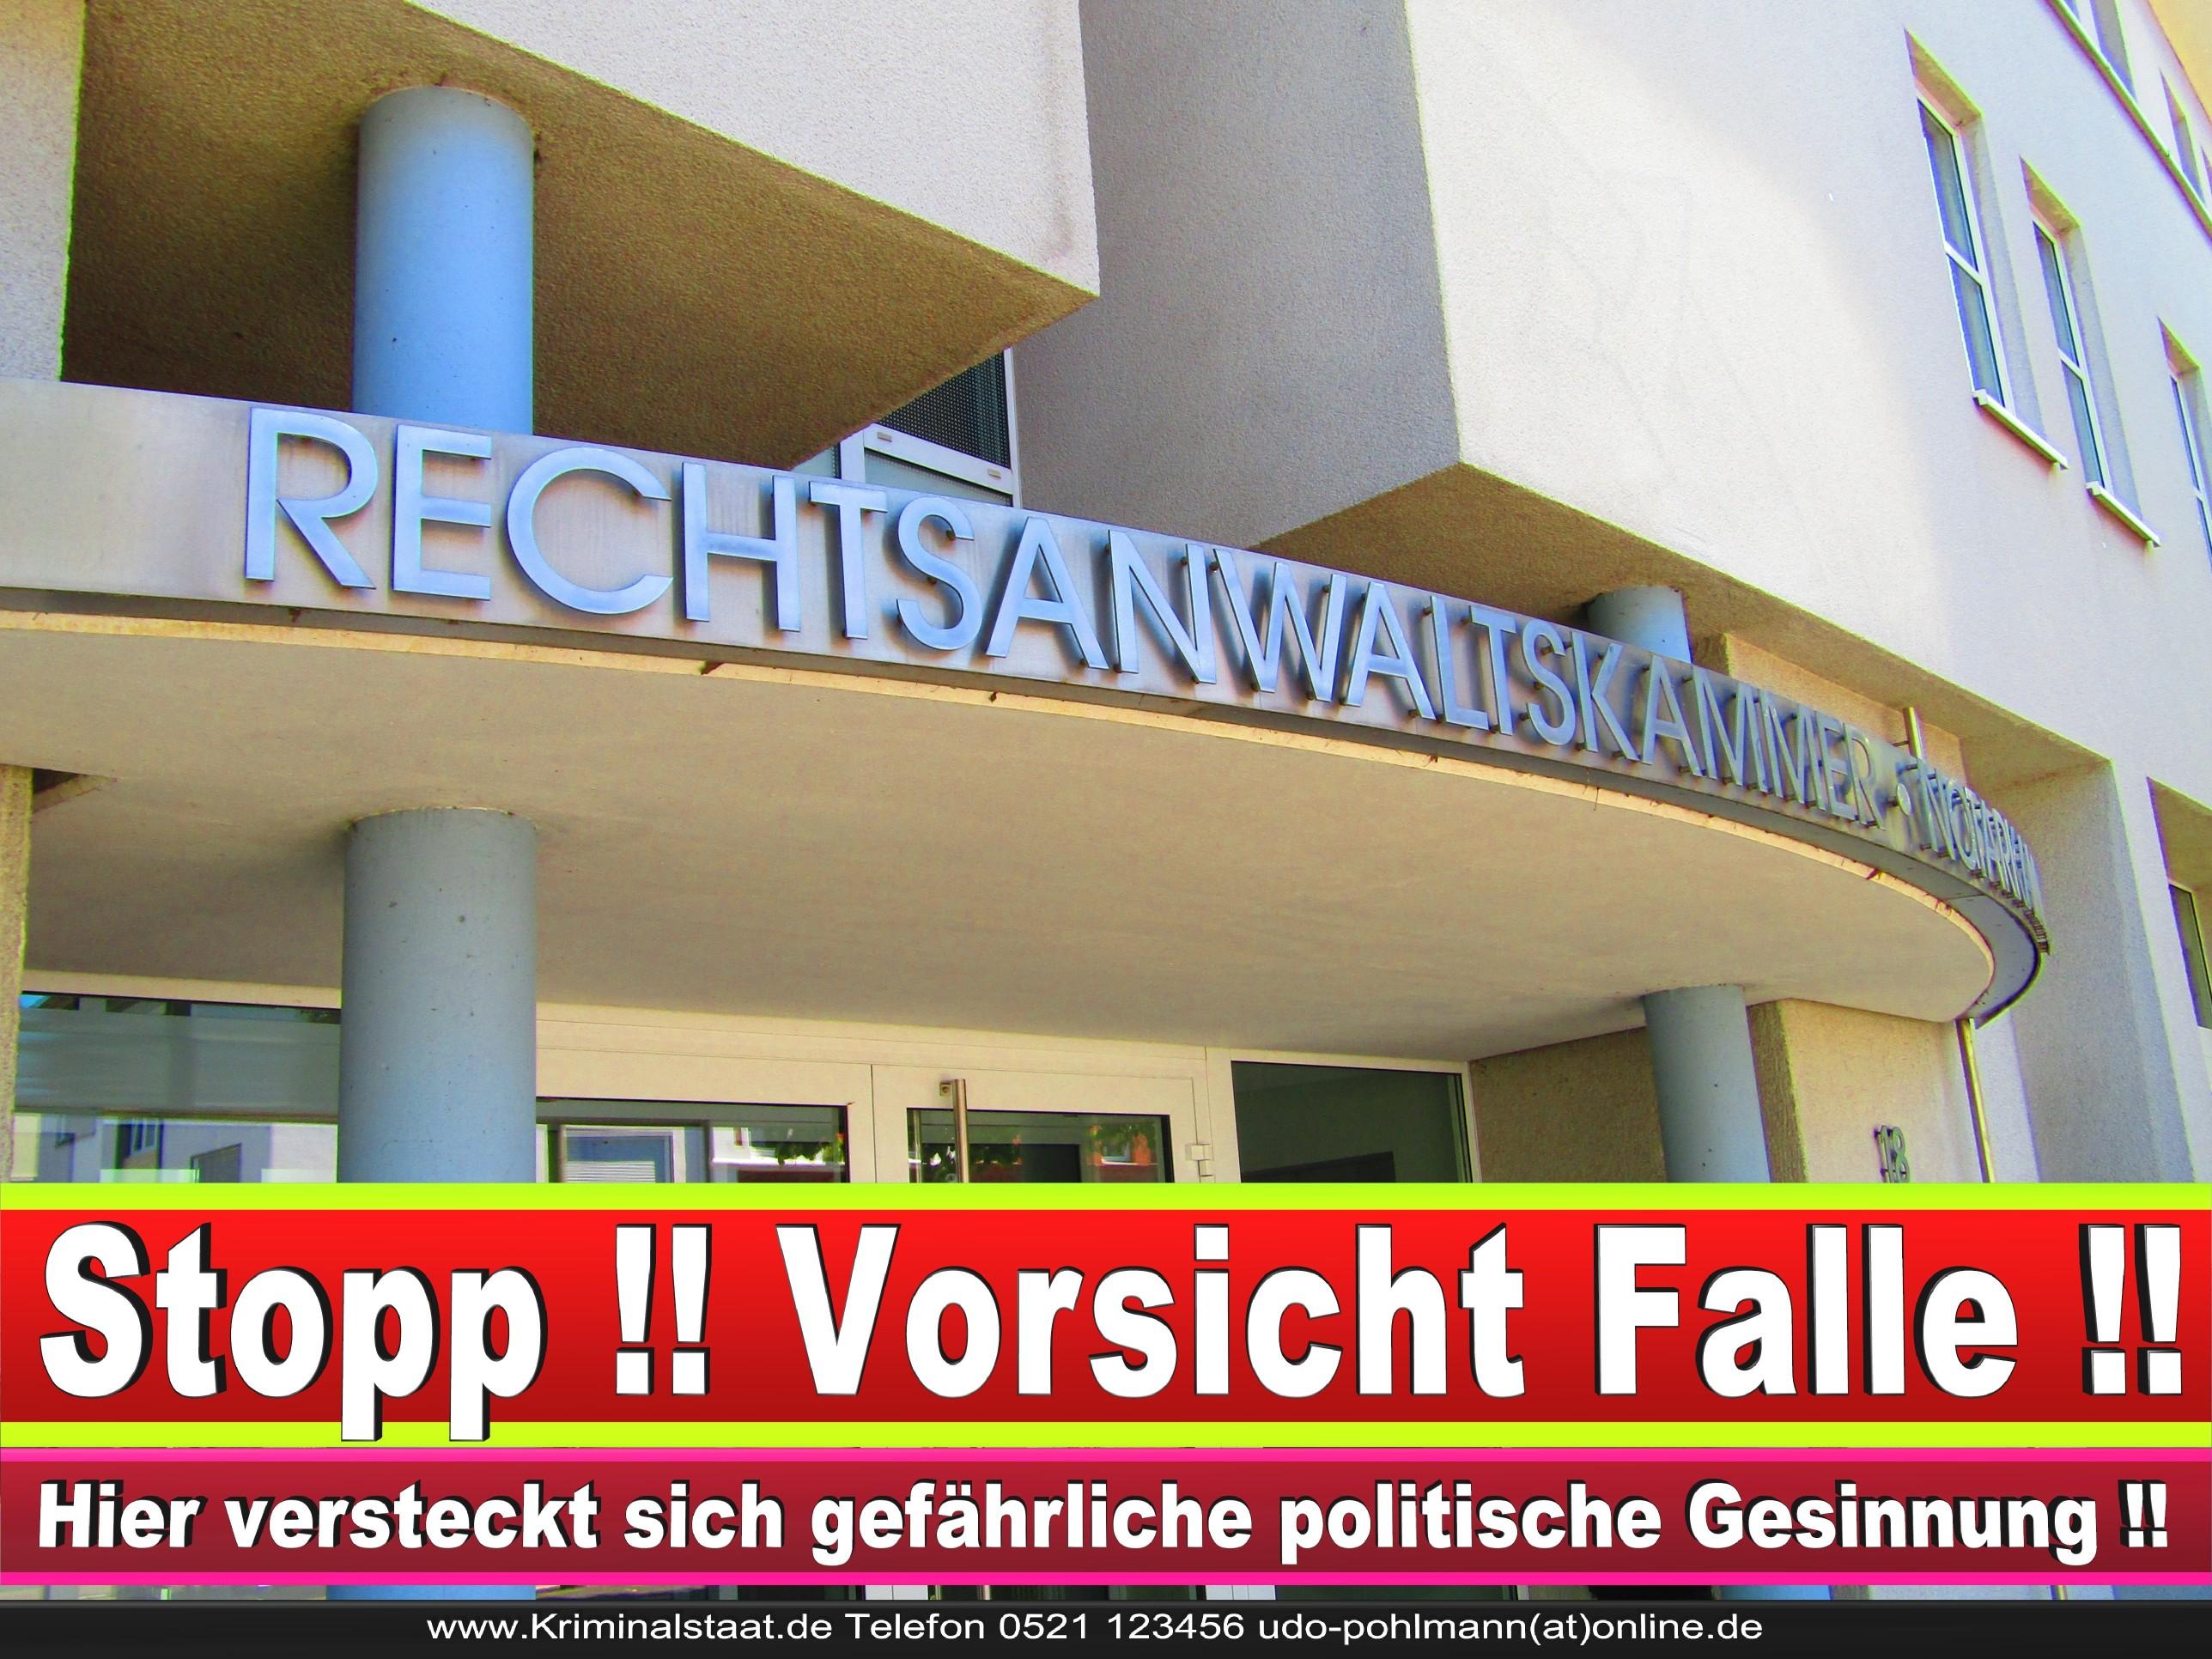 Rechtsanwaltskammer Hamm NRW Justizminister Rechtsanwalt Notar Vermögensverfall Urteil Rechtsprechung CDU SPD FDP Berufsordnung Rechtsanwälte Rechtsprechung (5)